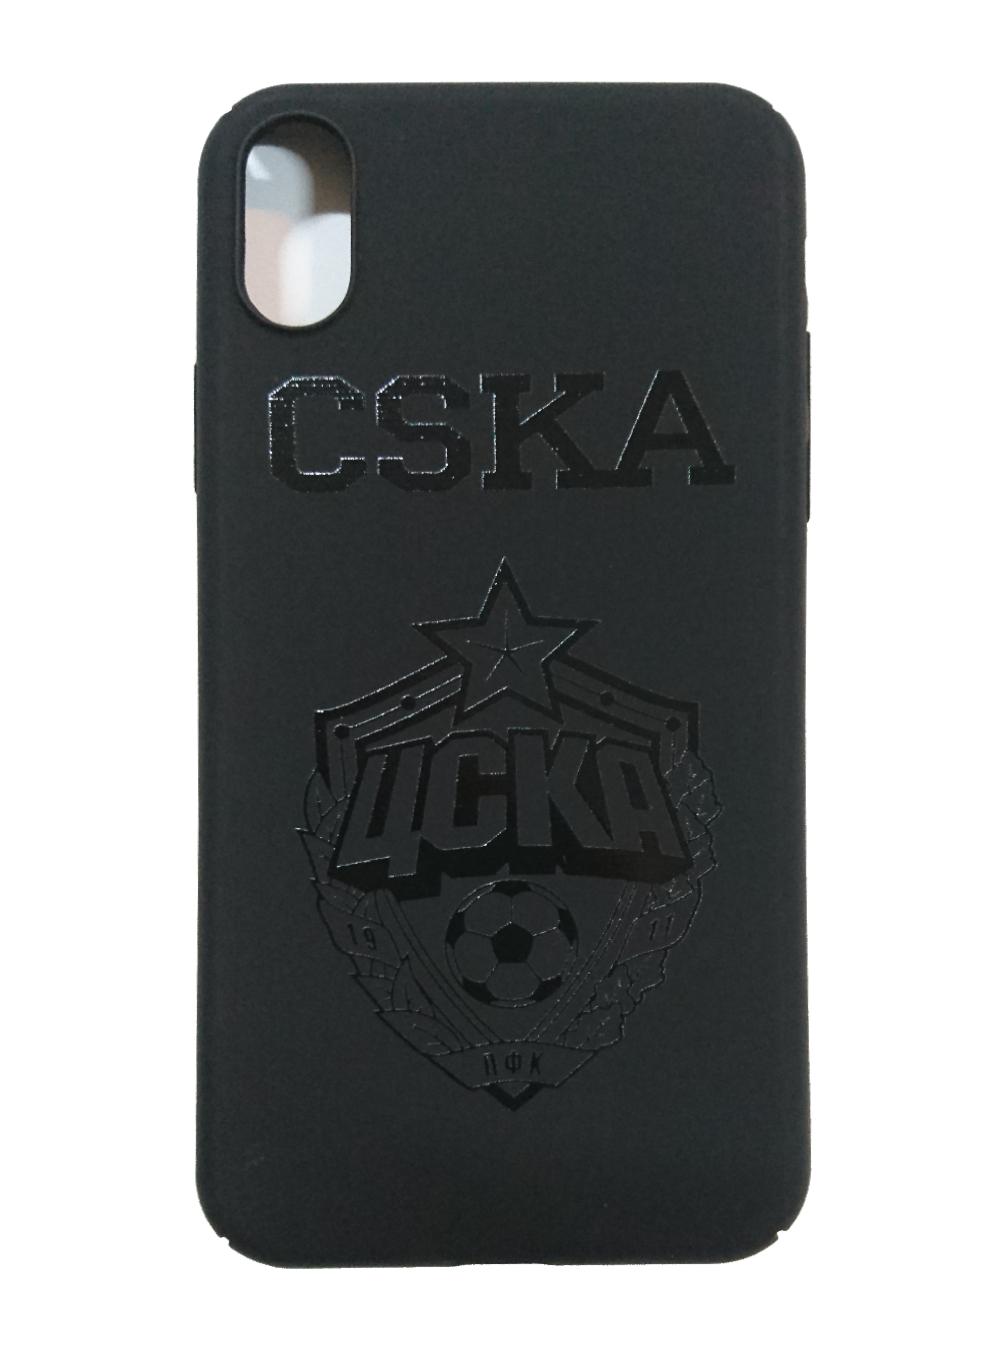 Клип-кейс CSKA Эмблема для iPhone X, цвет чёрный